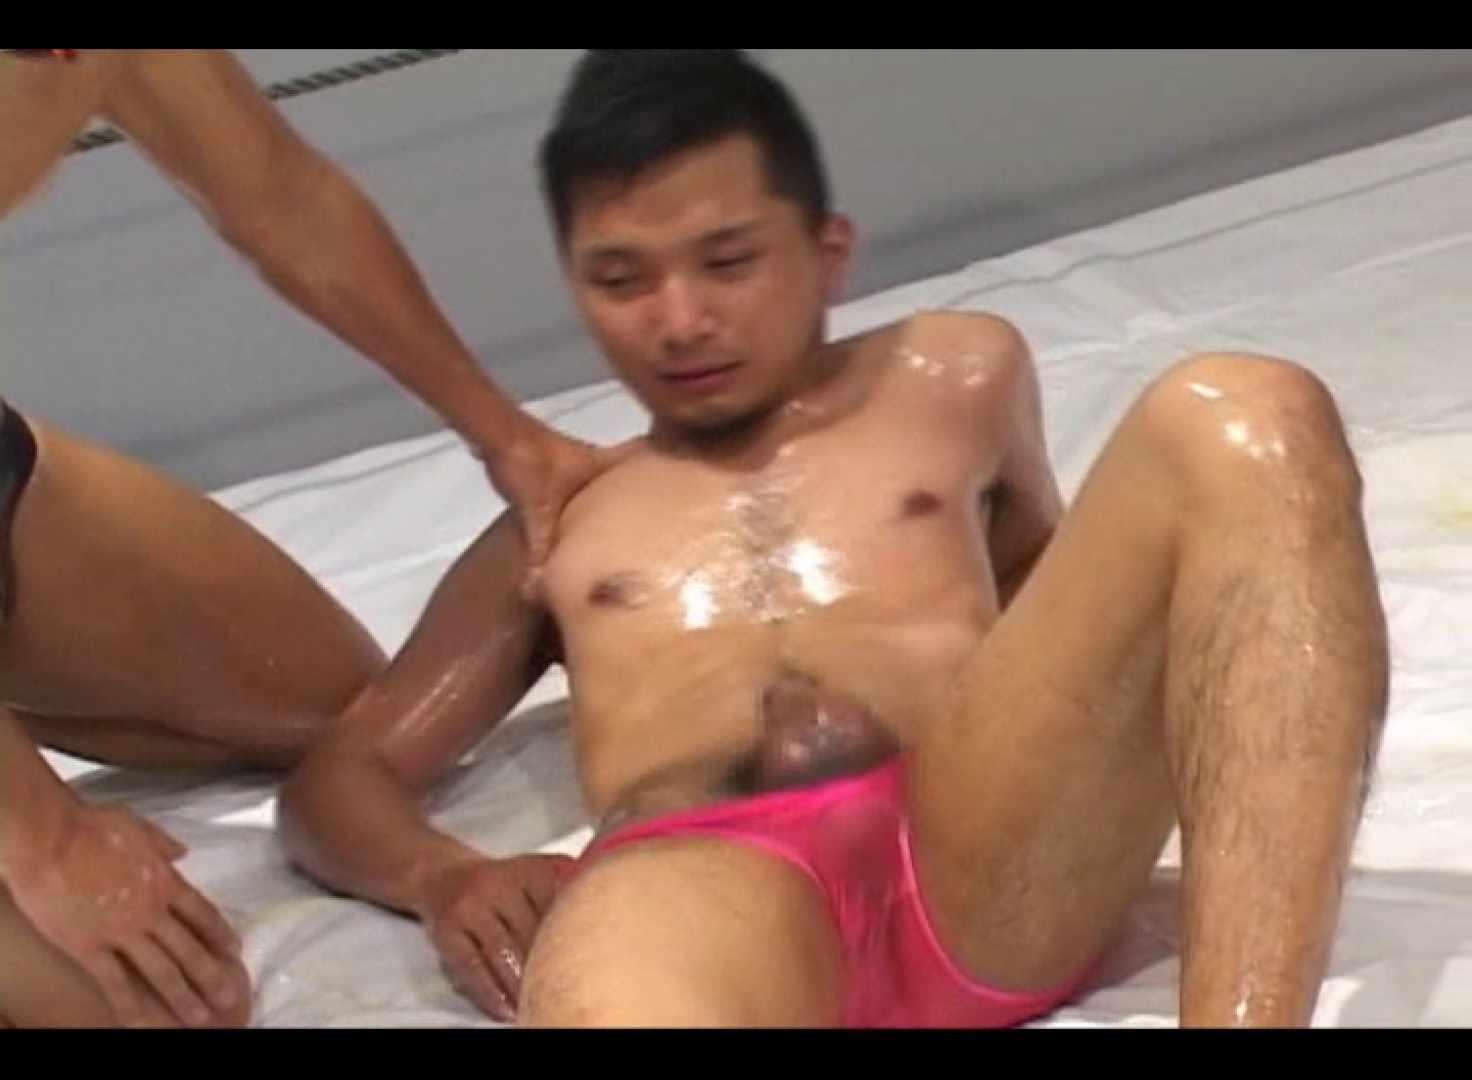 ヌルヌルレスリング部 複数プレイ特集 ゲイエロビデオ画像 91枚 22